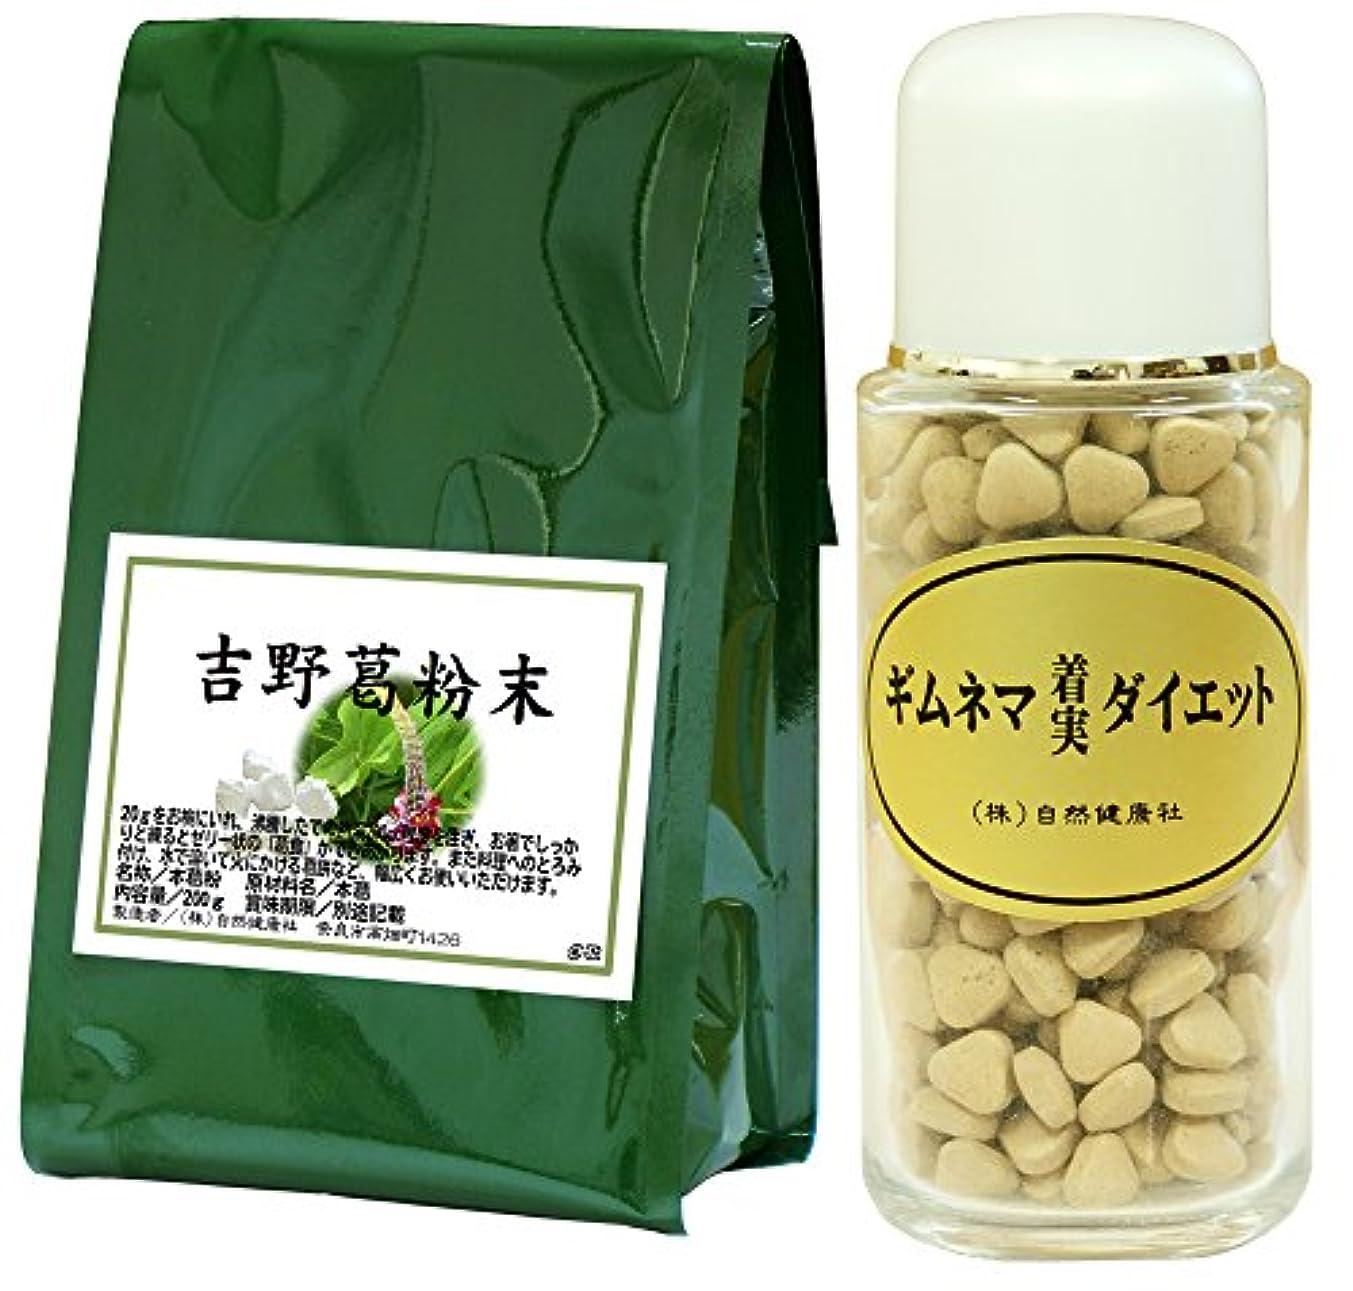 自由アリ下向き自然健康社 国産吉野葛粉末 200g + ギムネマダイエット 90g